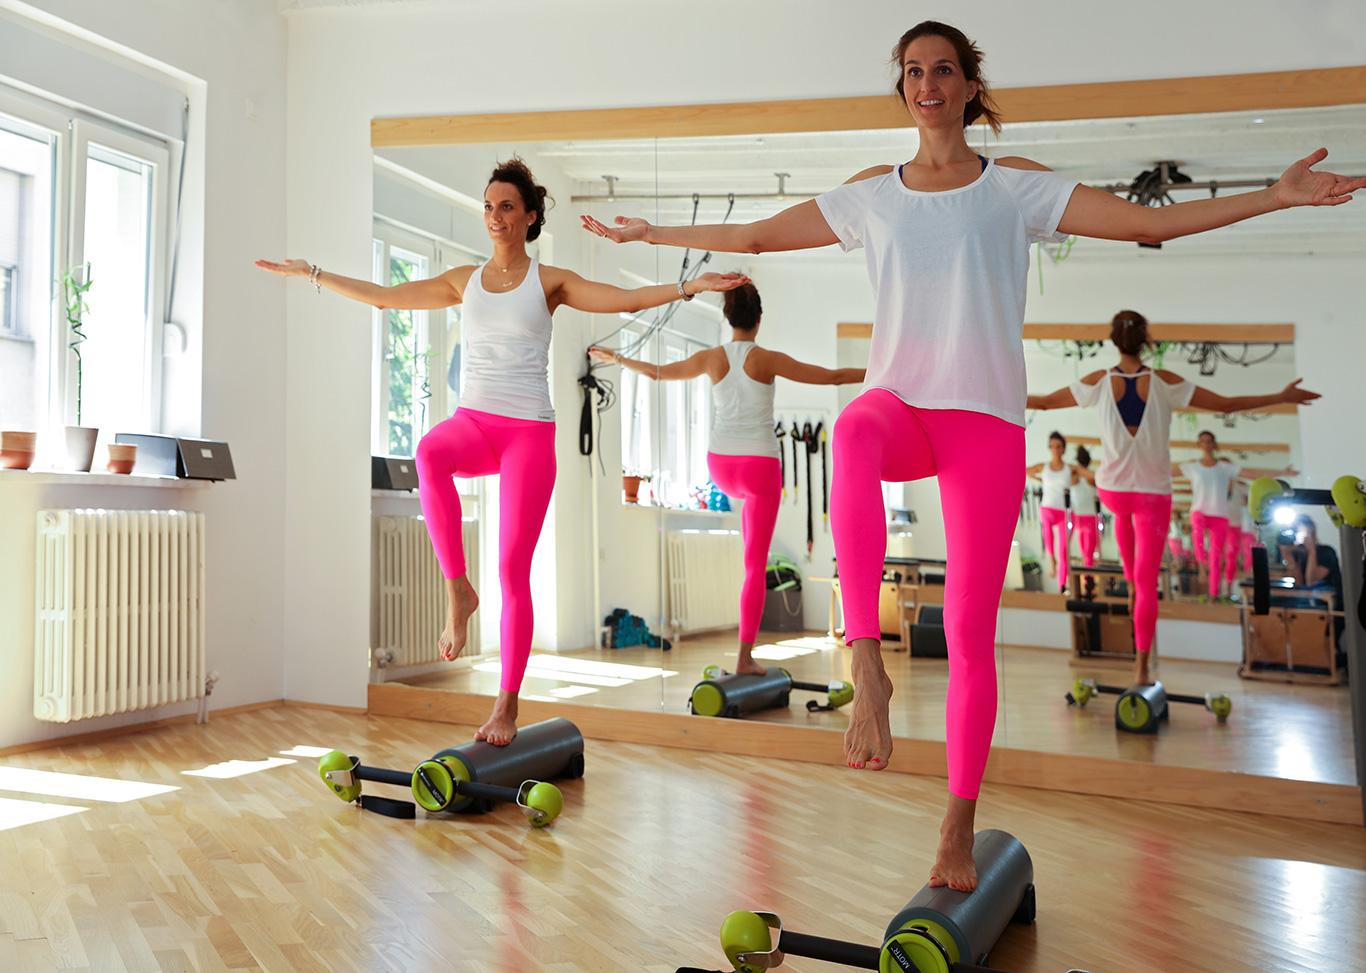 lehetséges-e Pilates hipertóniával foglalkozni pontok a fülön a magas vérnyomás miatt